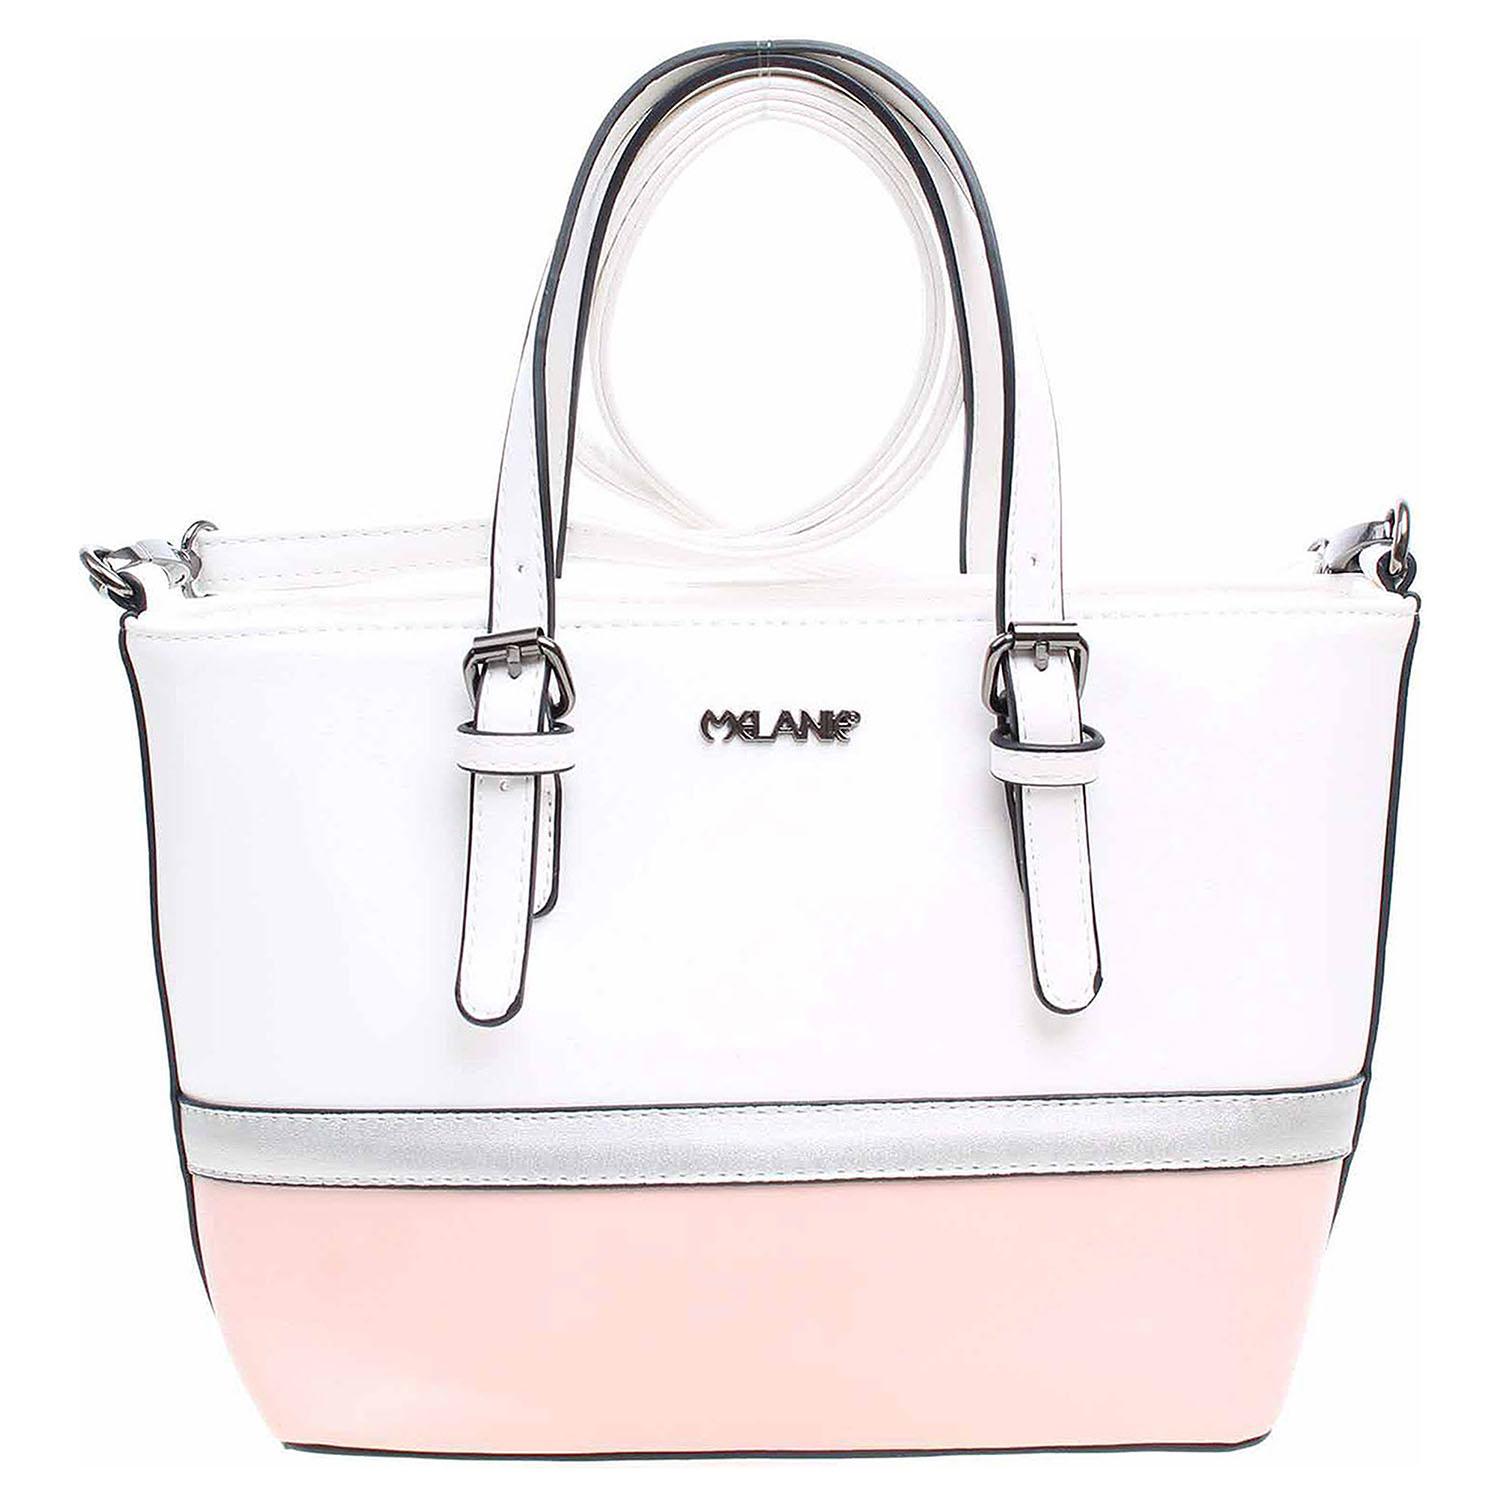 Dámská kabelka PC103 white-pink-silver PC103 mix white/pink/silver 1